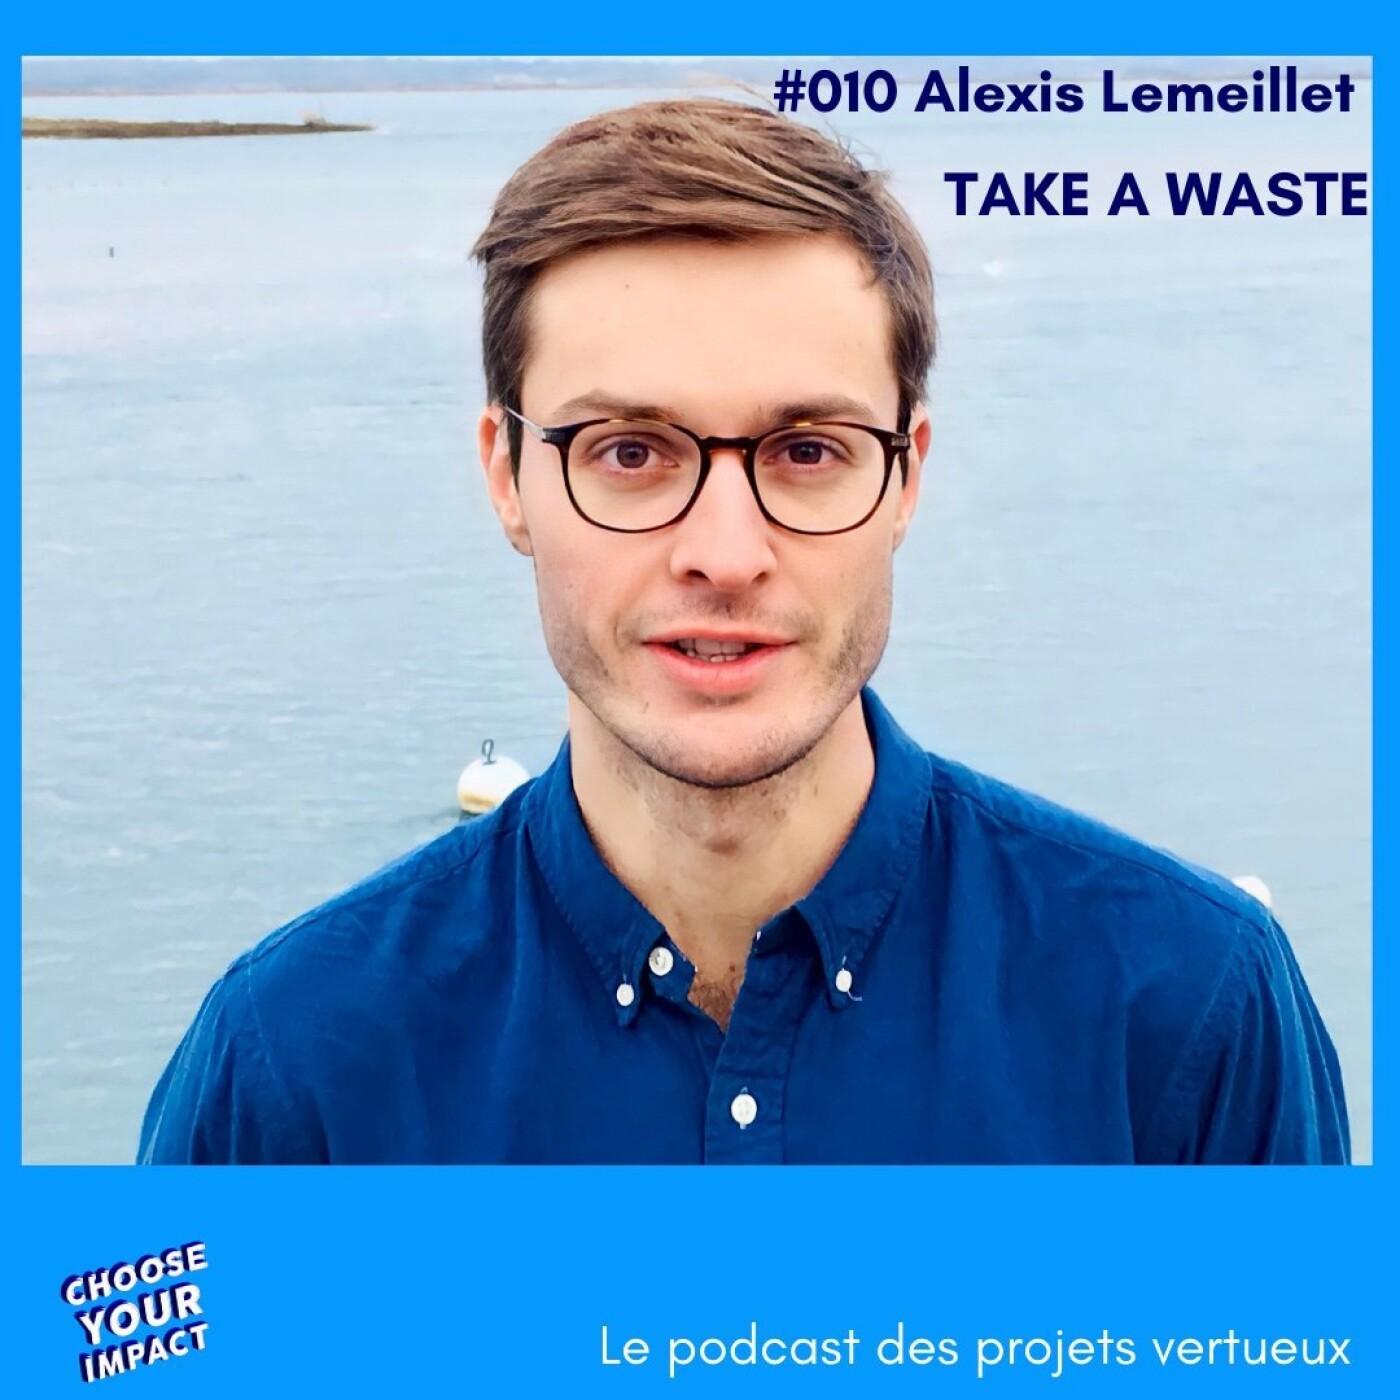 010 Alexis Lemeillet - TAKE A WASTE ou comment mettre en place le tri pour réduire les déchets dans l'entreprise